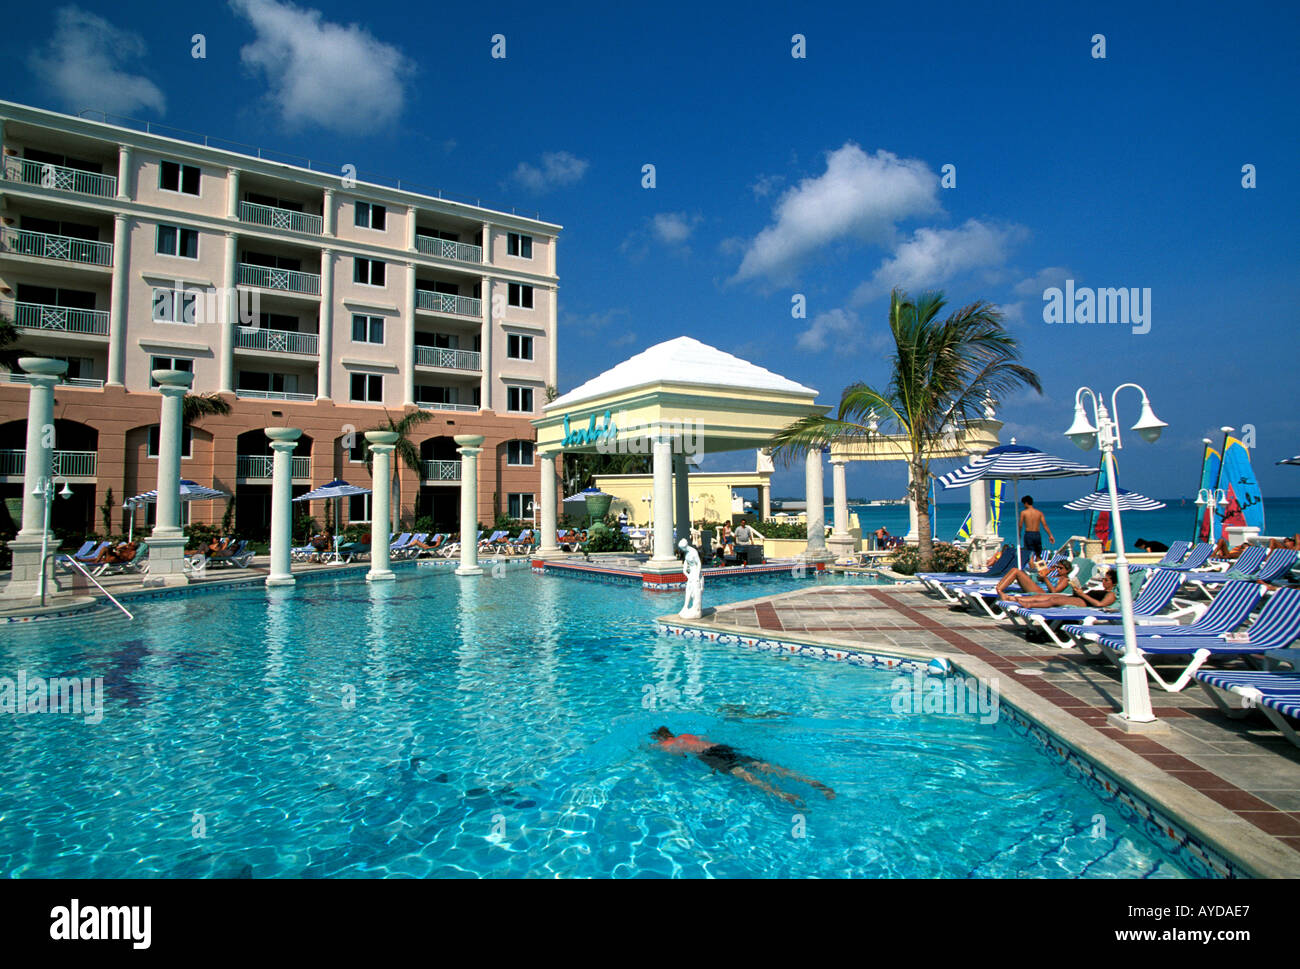 Bahamas Nassau Cable Beach Sandals Royal Bahamian Swimming Pool